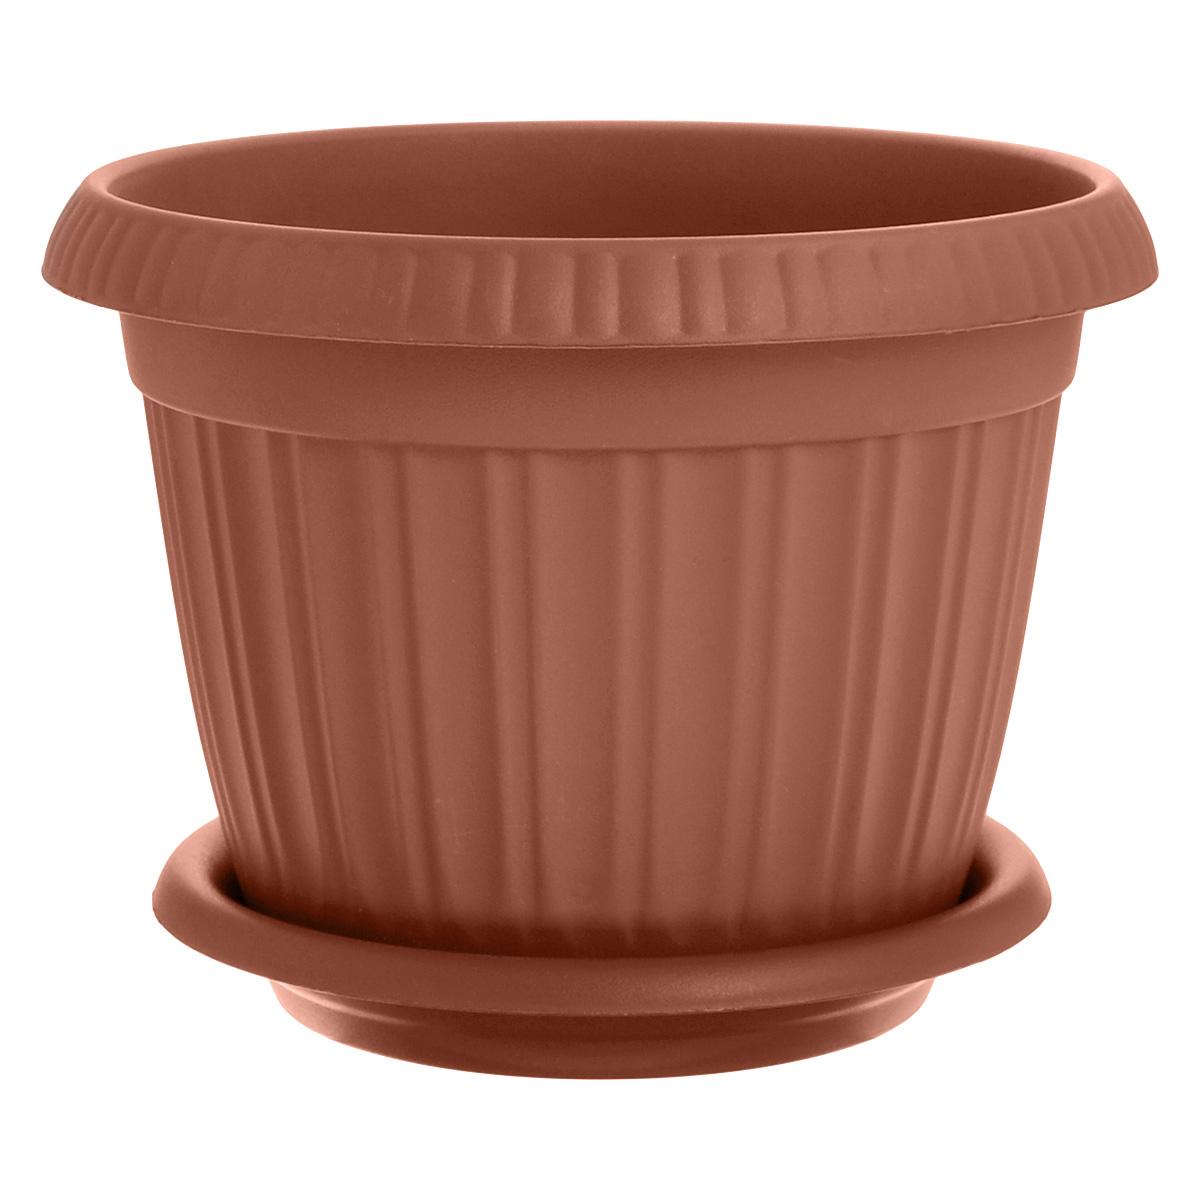 Горшок для цветов InGreen Таити, с подставкой, цвет: коричневый, диаметр 23 смПЦ41023Горшок InGreen Таити выполнен из высококачественного полипропилена (пластика) и предназначен для выращивания цветов, растений и трав. Снабжен подставкой для стока воды. Такой горшок порадует вас функциональностью, а благодаря лаконичному дизайну впишется в любой интерьер помещения. Диаметр горшка по верхнему краю: 23 см. Высота горшка: 17,5 см. Диаметр подставки: 19 см.